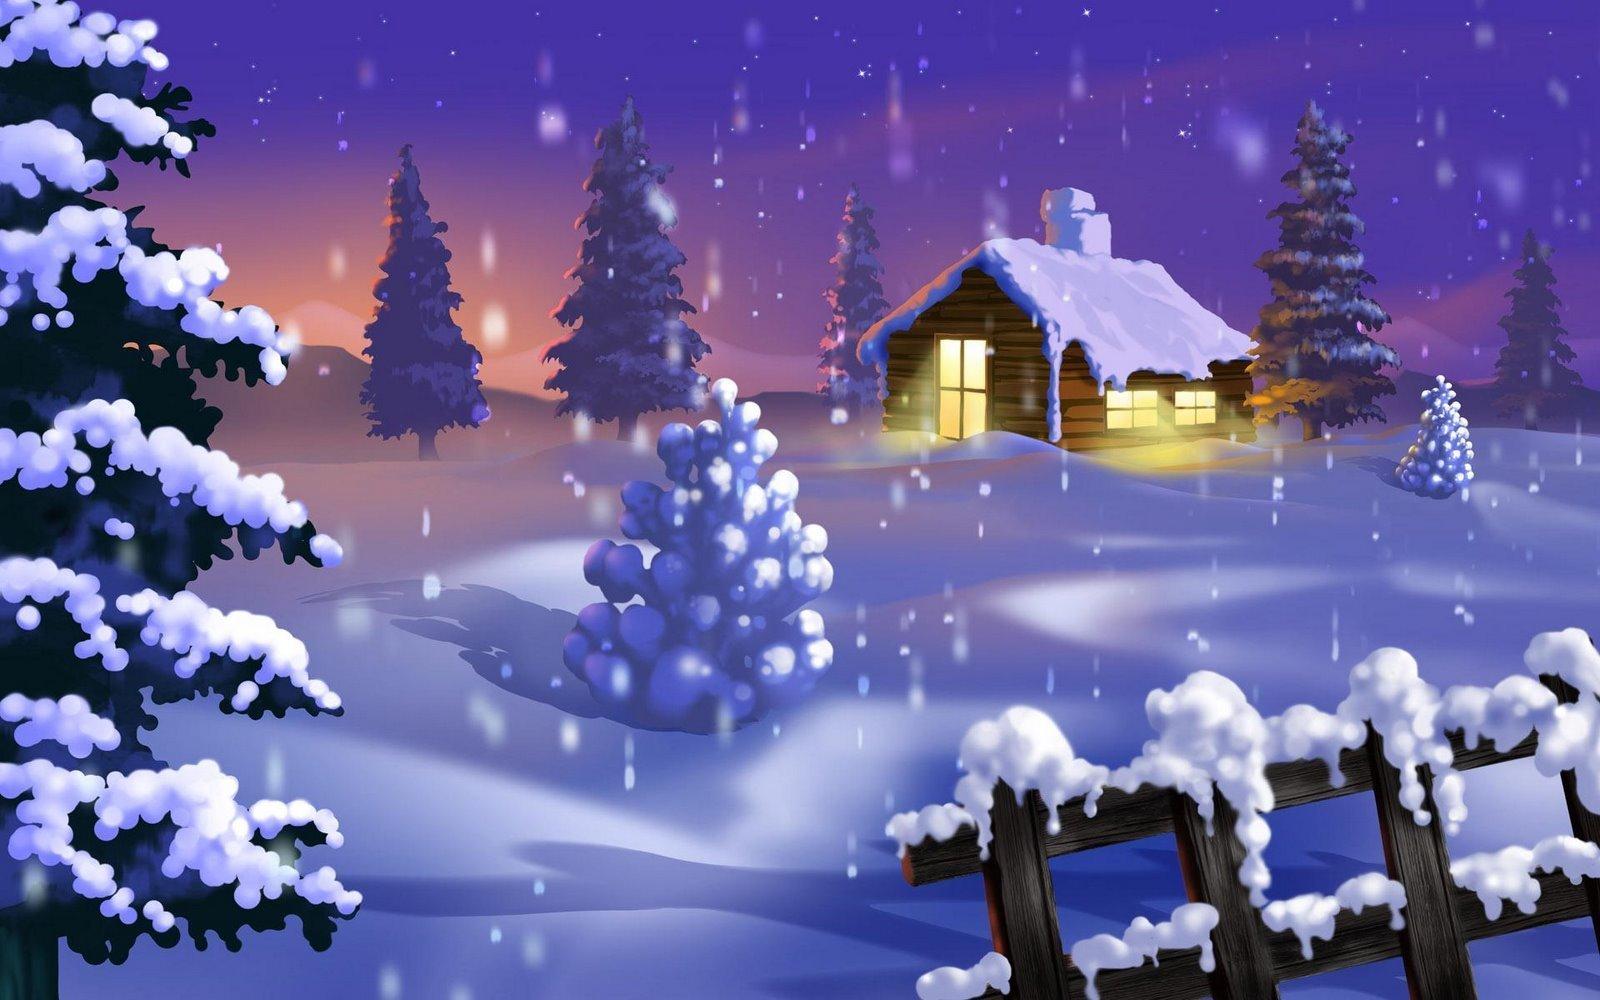 Immagini Natale Desktop.Sfondi Desktop Hd Natale Paesaggio Nella Neve Sfondi Hd